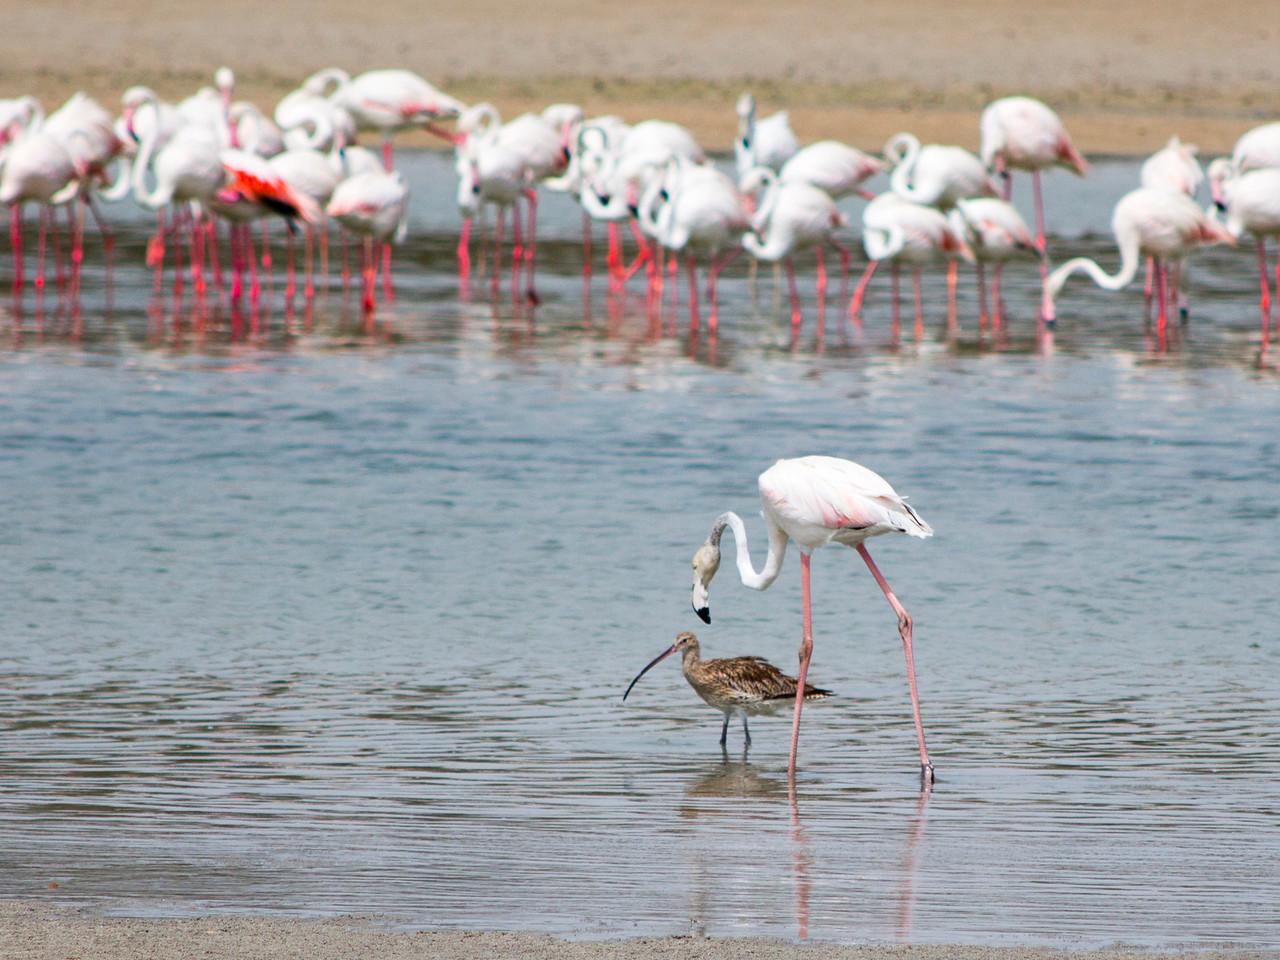 IMG_7961_Flamingoes_013 PS